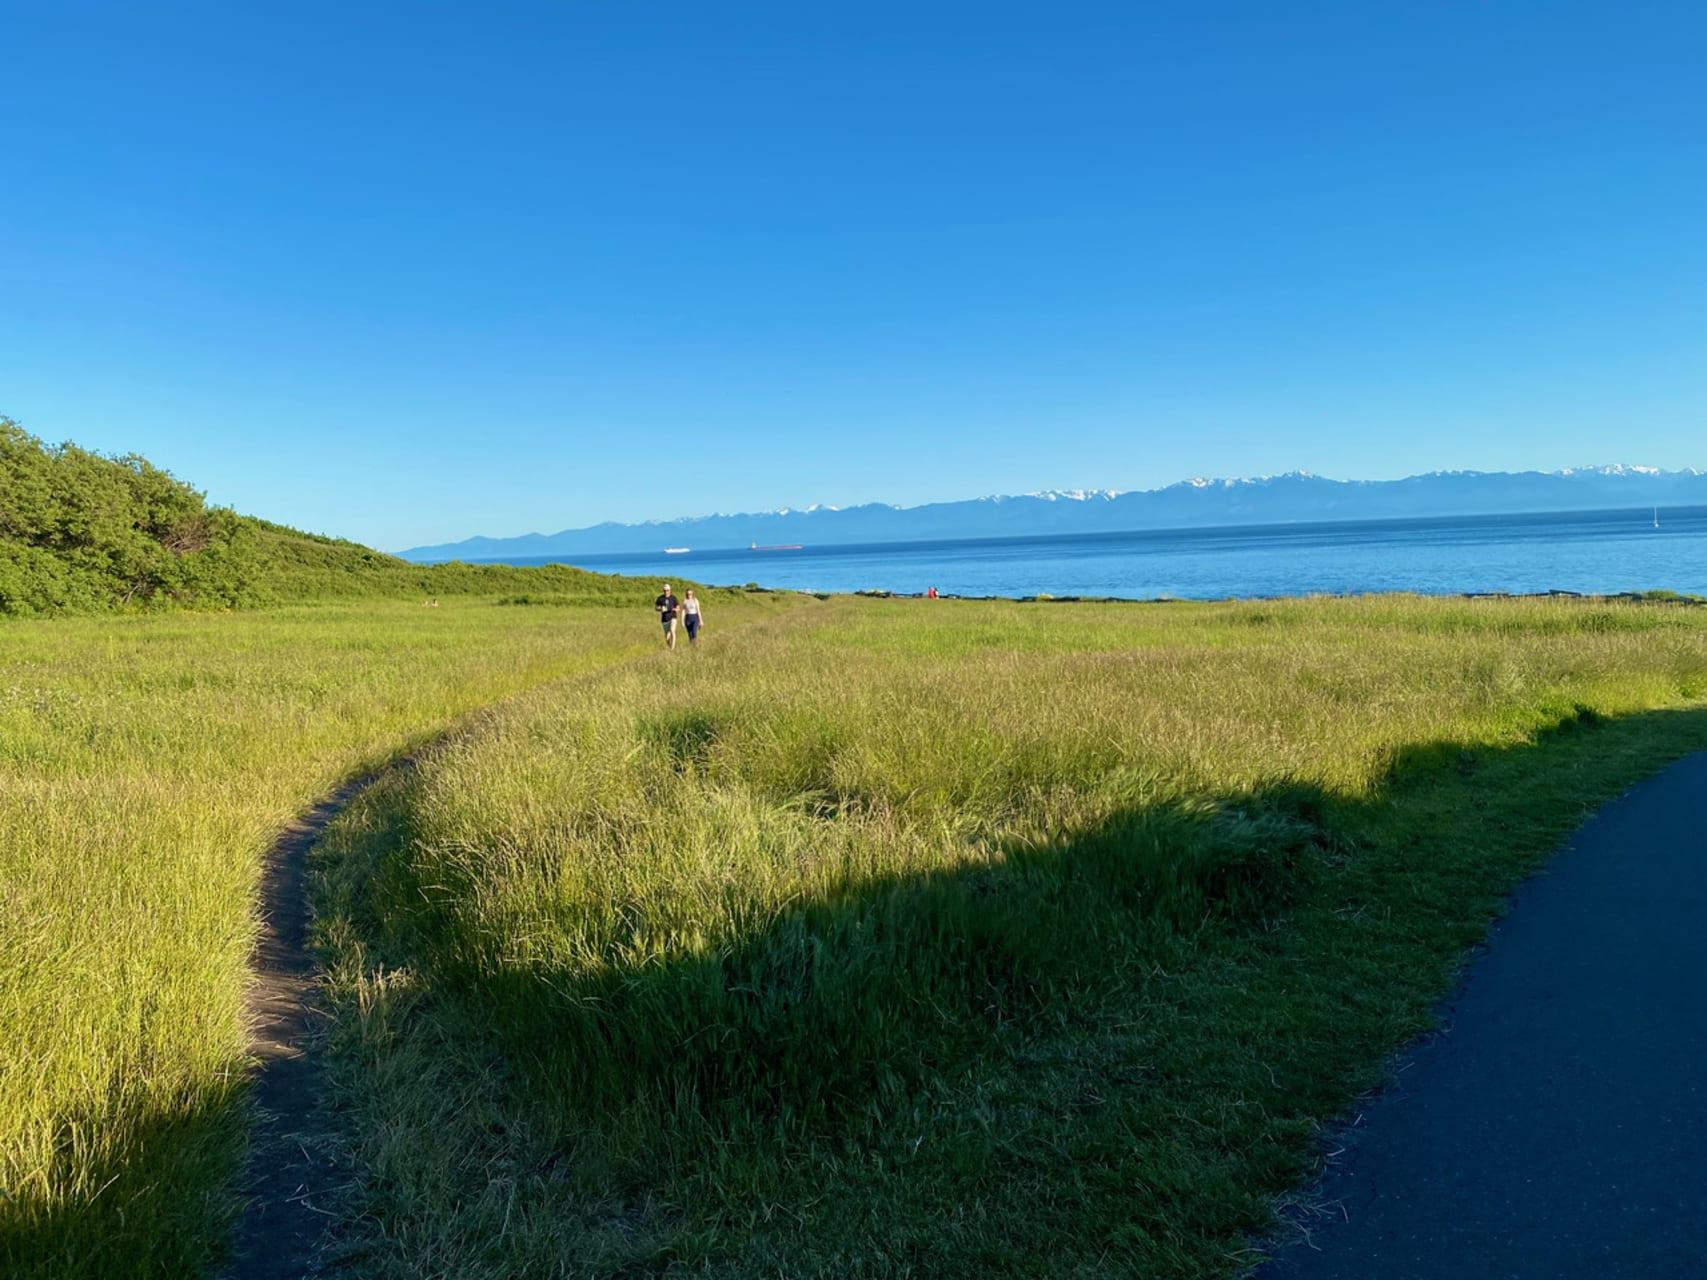 Victoria, BC - Mile 0, Tallest Totem Pole along Juan de Fuca Strait